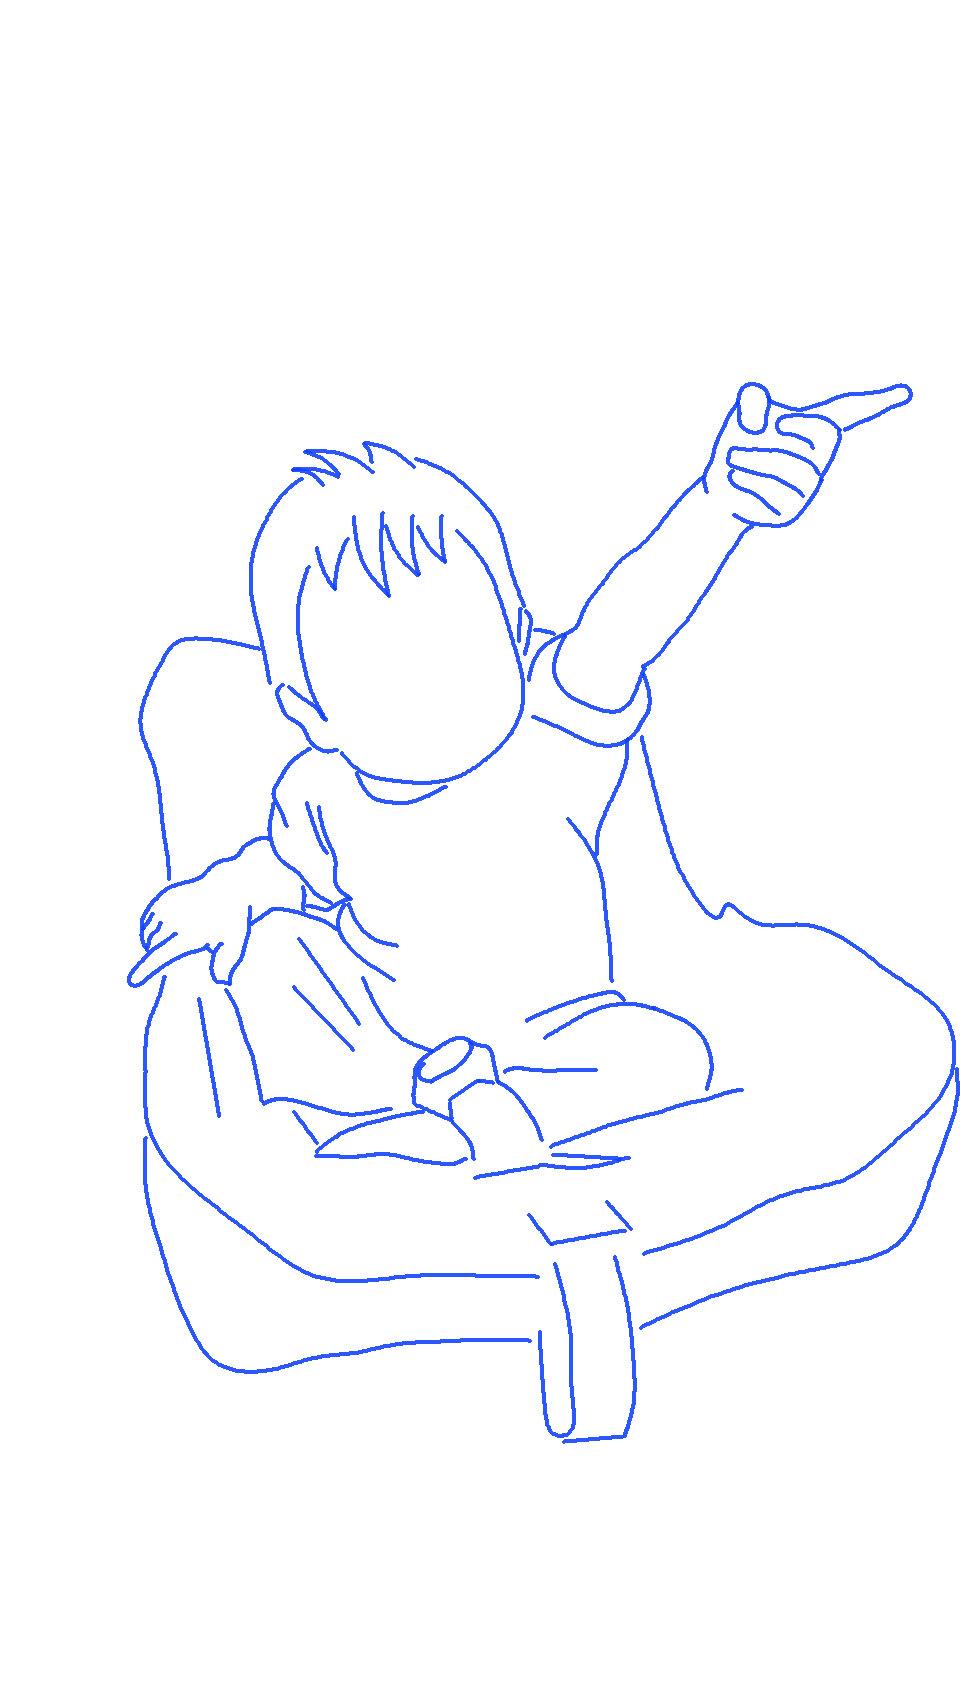 チャイルドシートに乗って指差しをする子供のシルエットイラスト